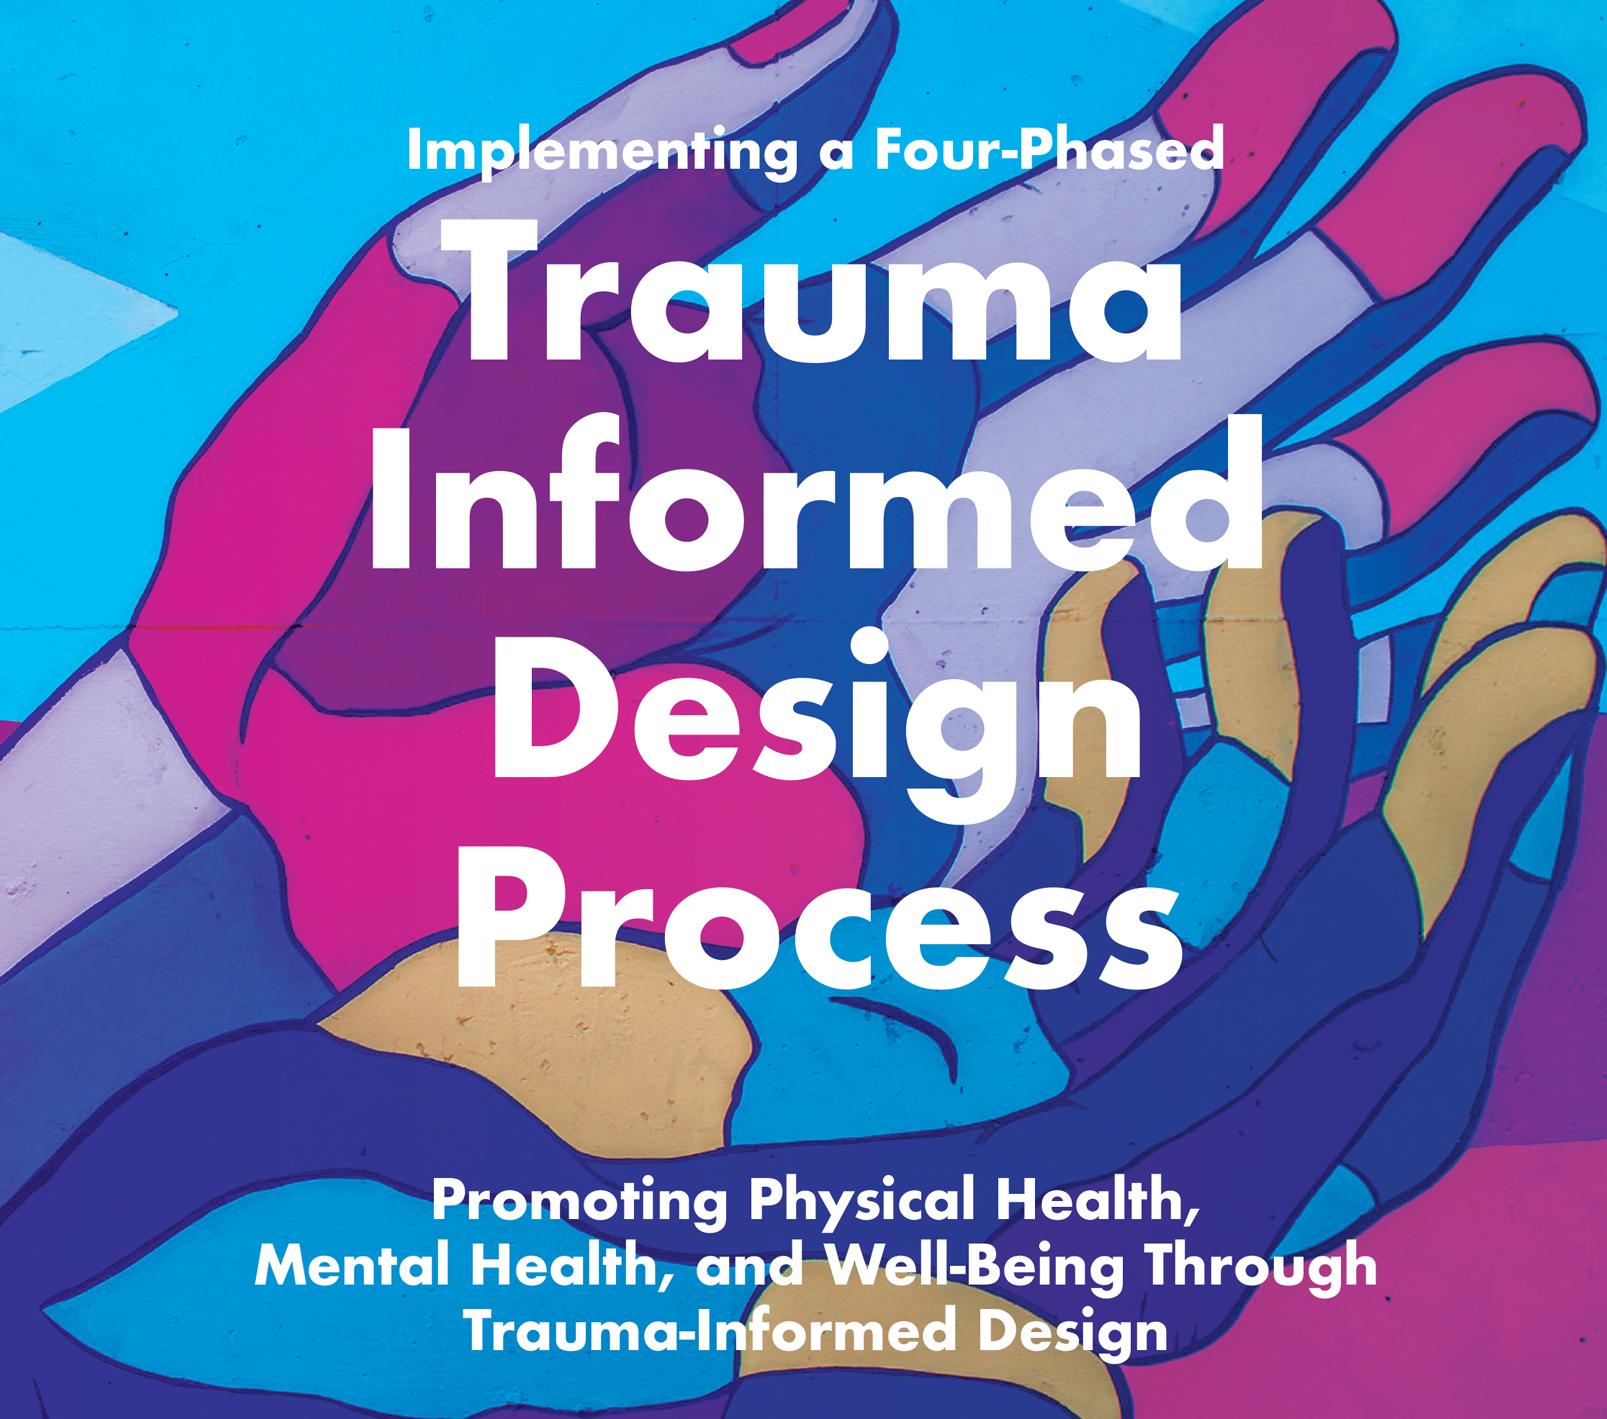 Trauma-Informed Design Process